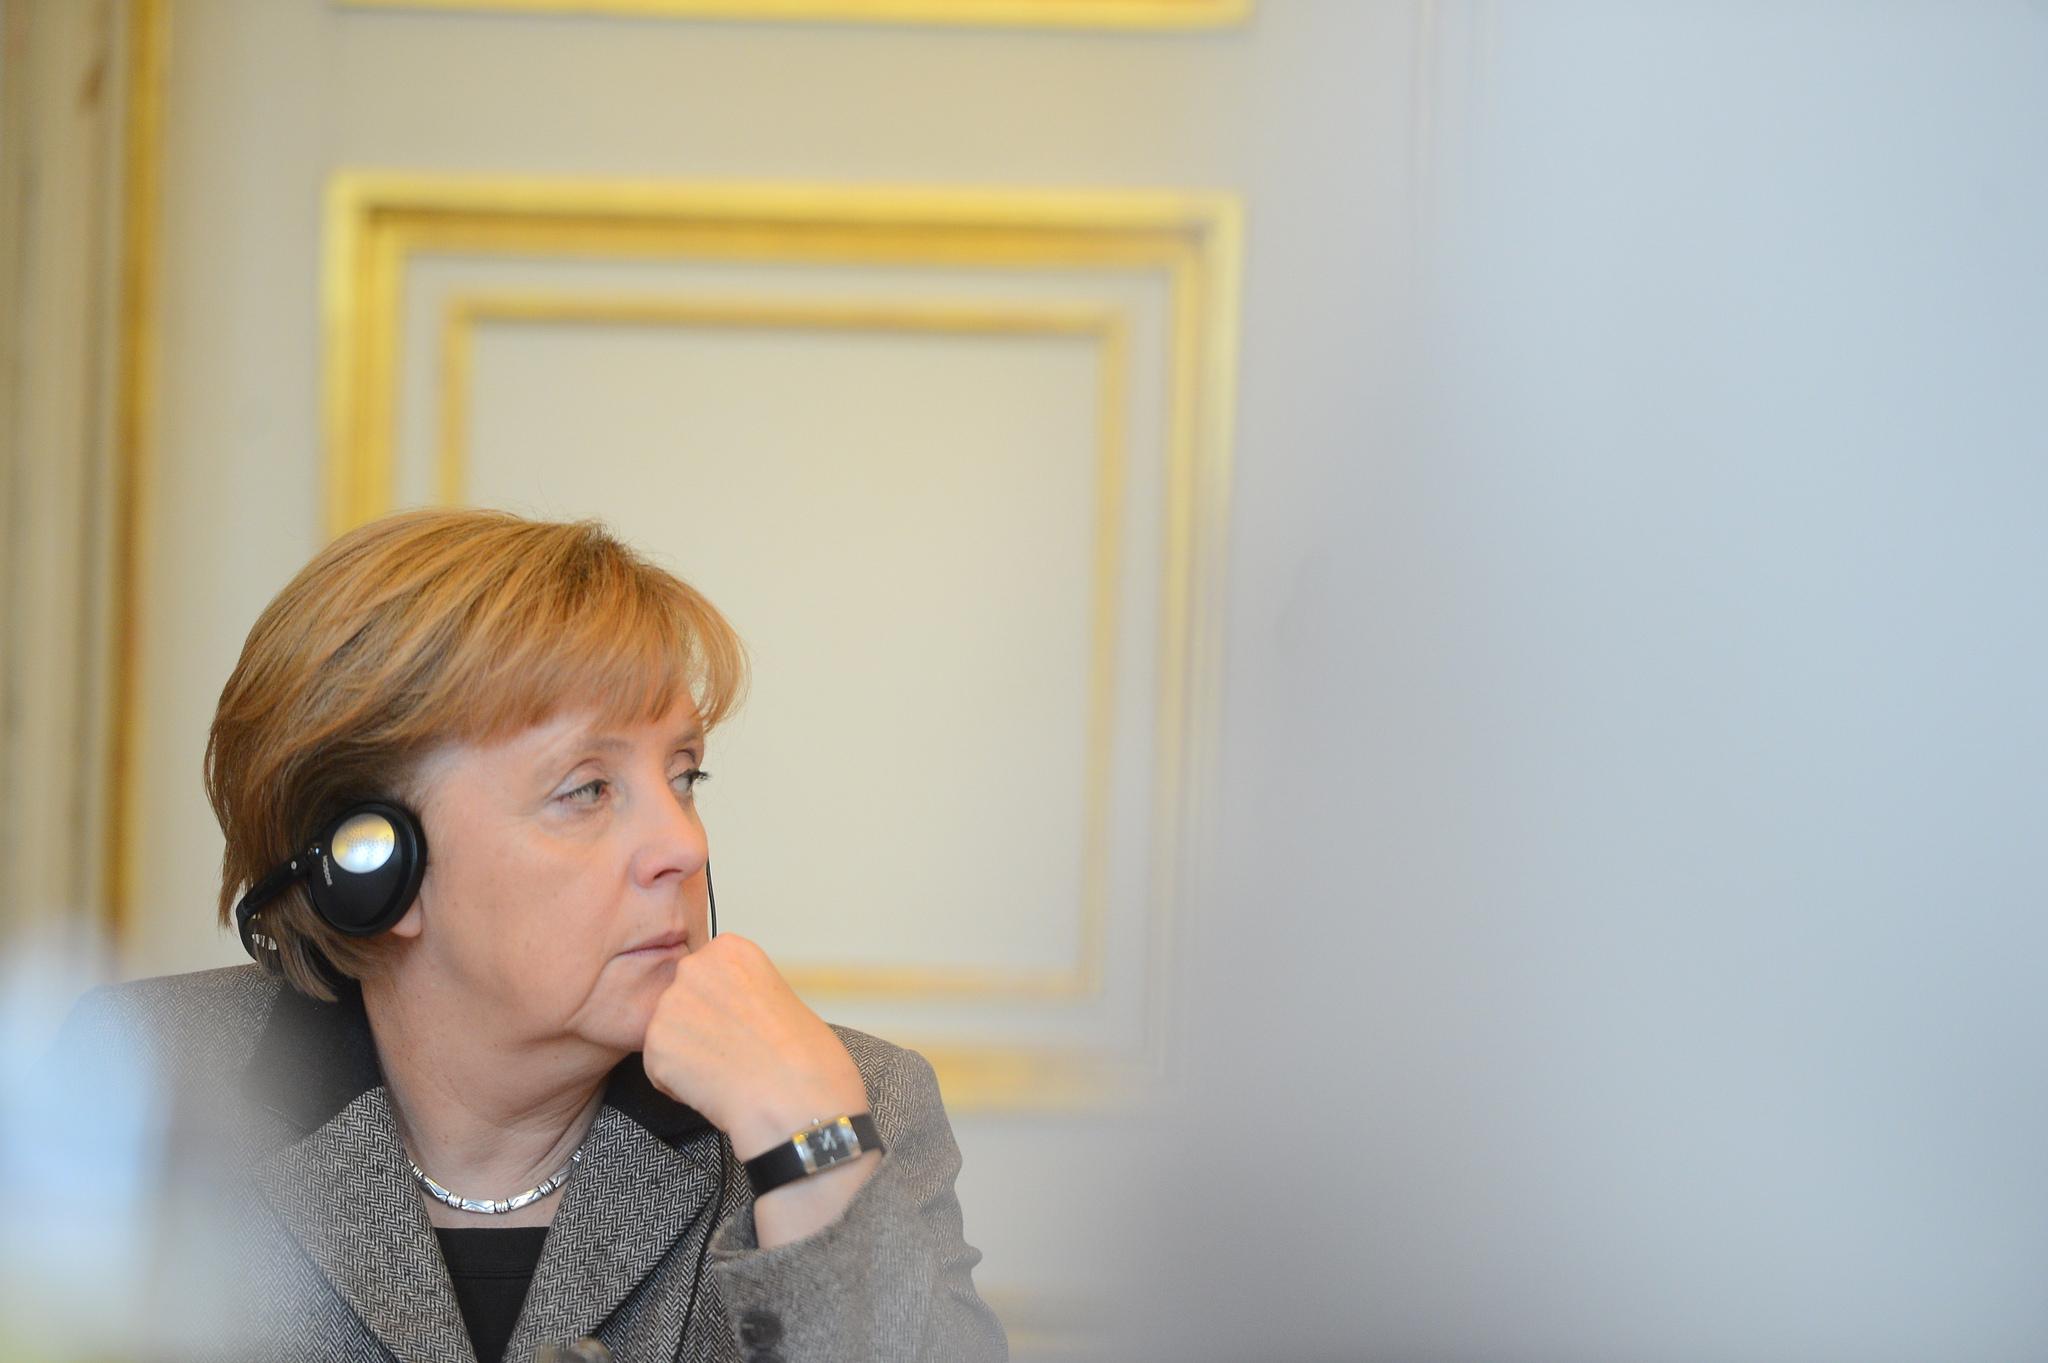 Kanzlerin Merkel ist auf Afrika-Reise. Archivfoto: European People's Party / flickr (CC BY 2.0)